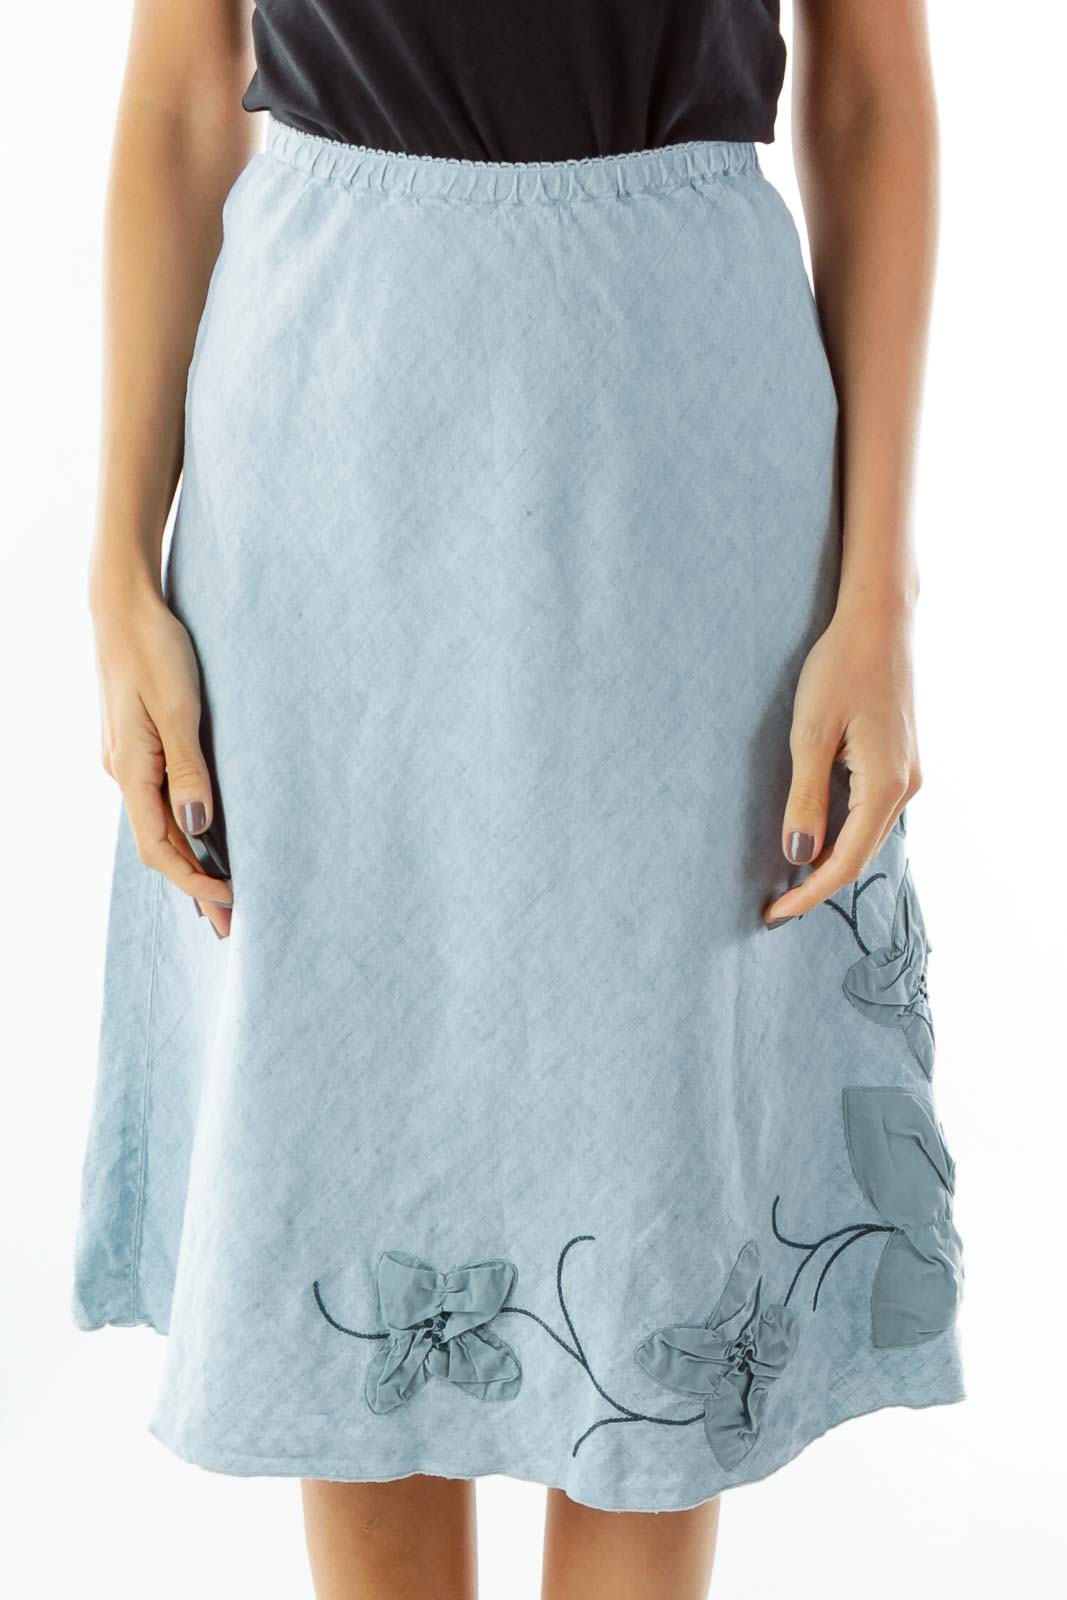 Blue Flower Embroidered Linen Petite Skirt